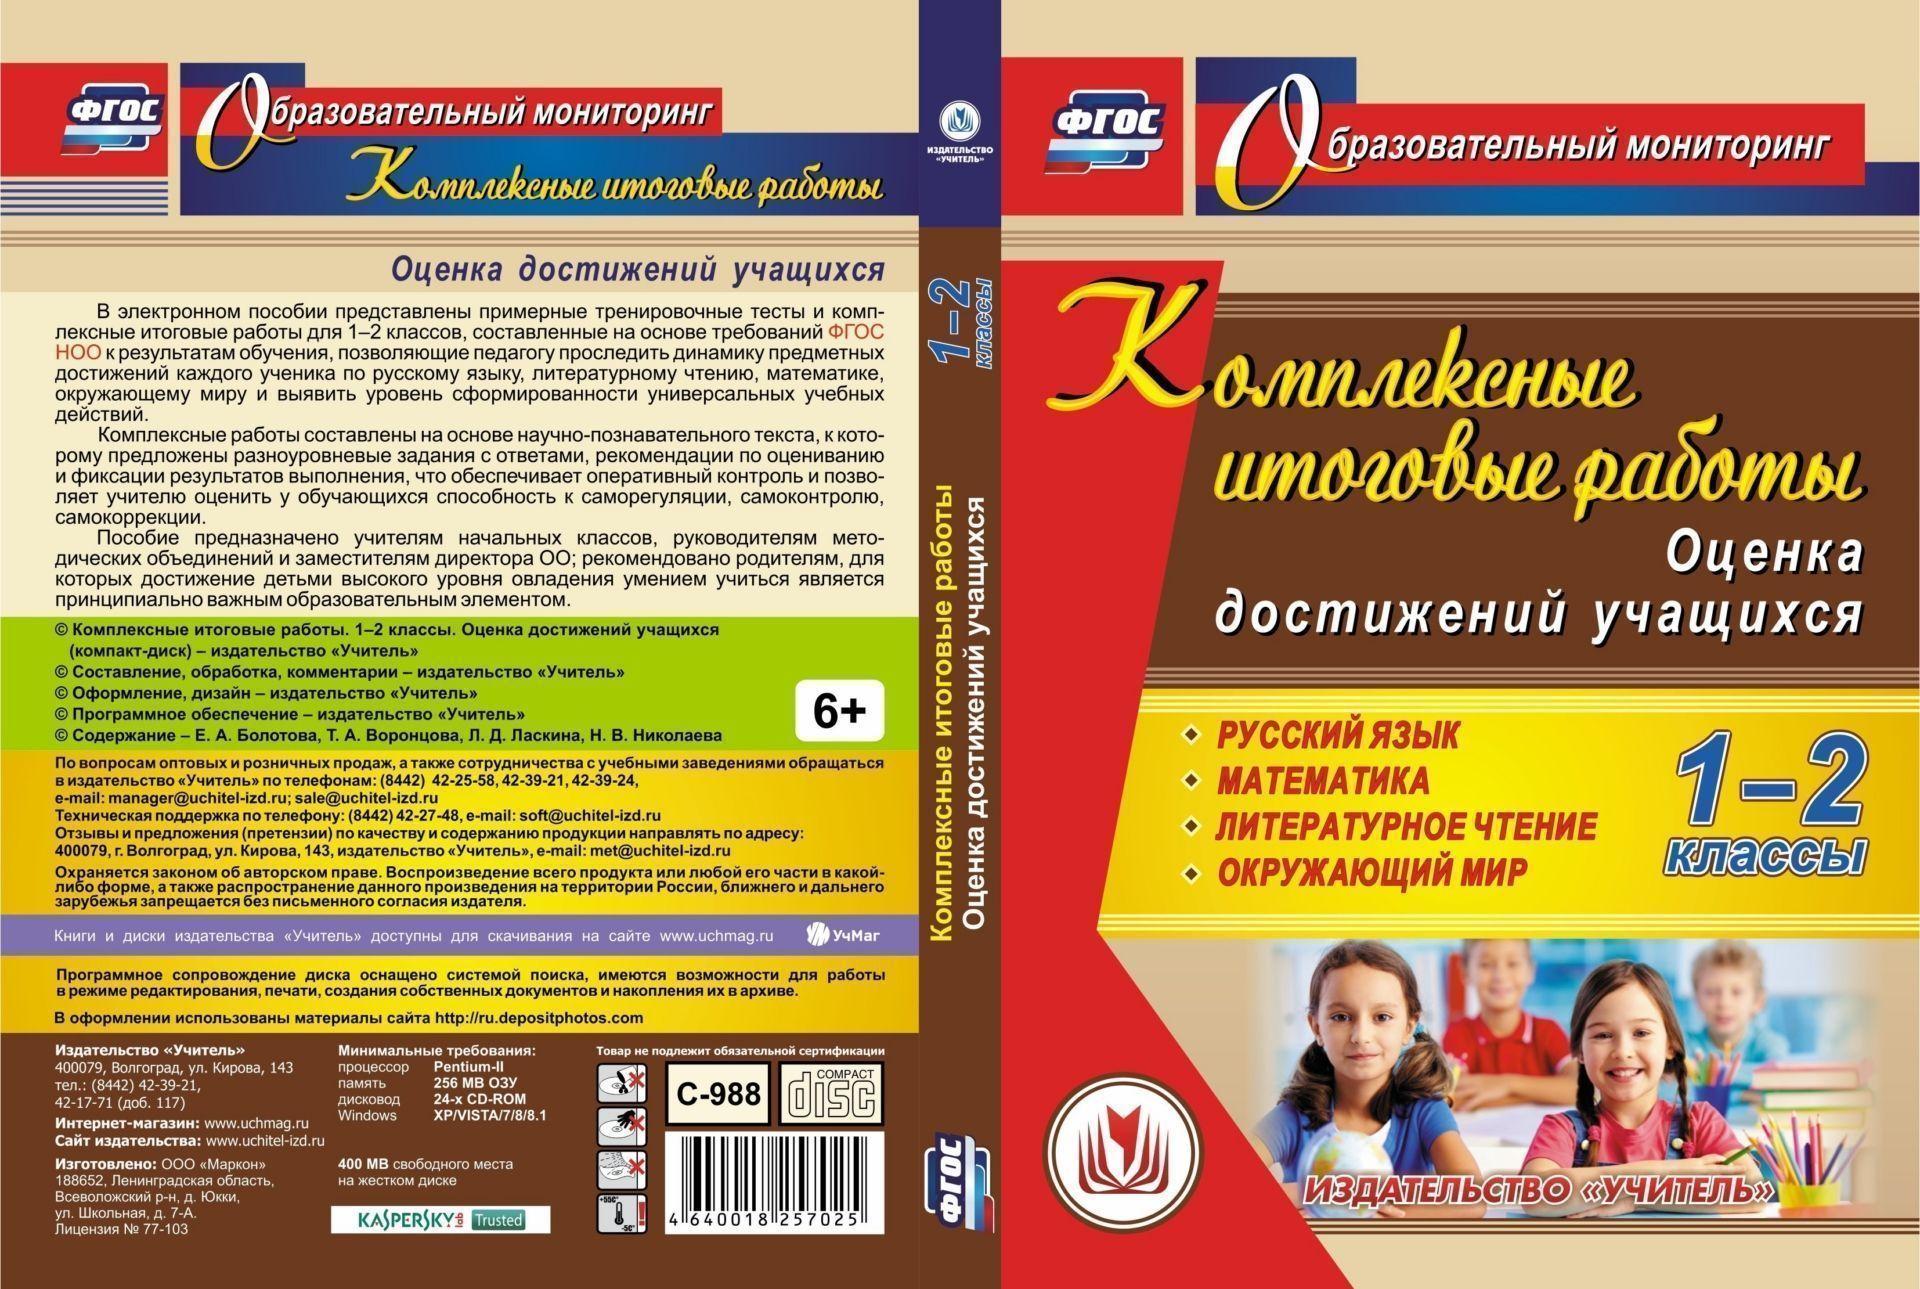 Комплексные итоговые работы. 1-2 классы. Оценка достижений учащихся. Русский язык. Математика. Литературное чтение. Окружающий мир. Программа для установки через интернет